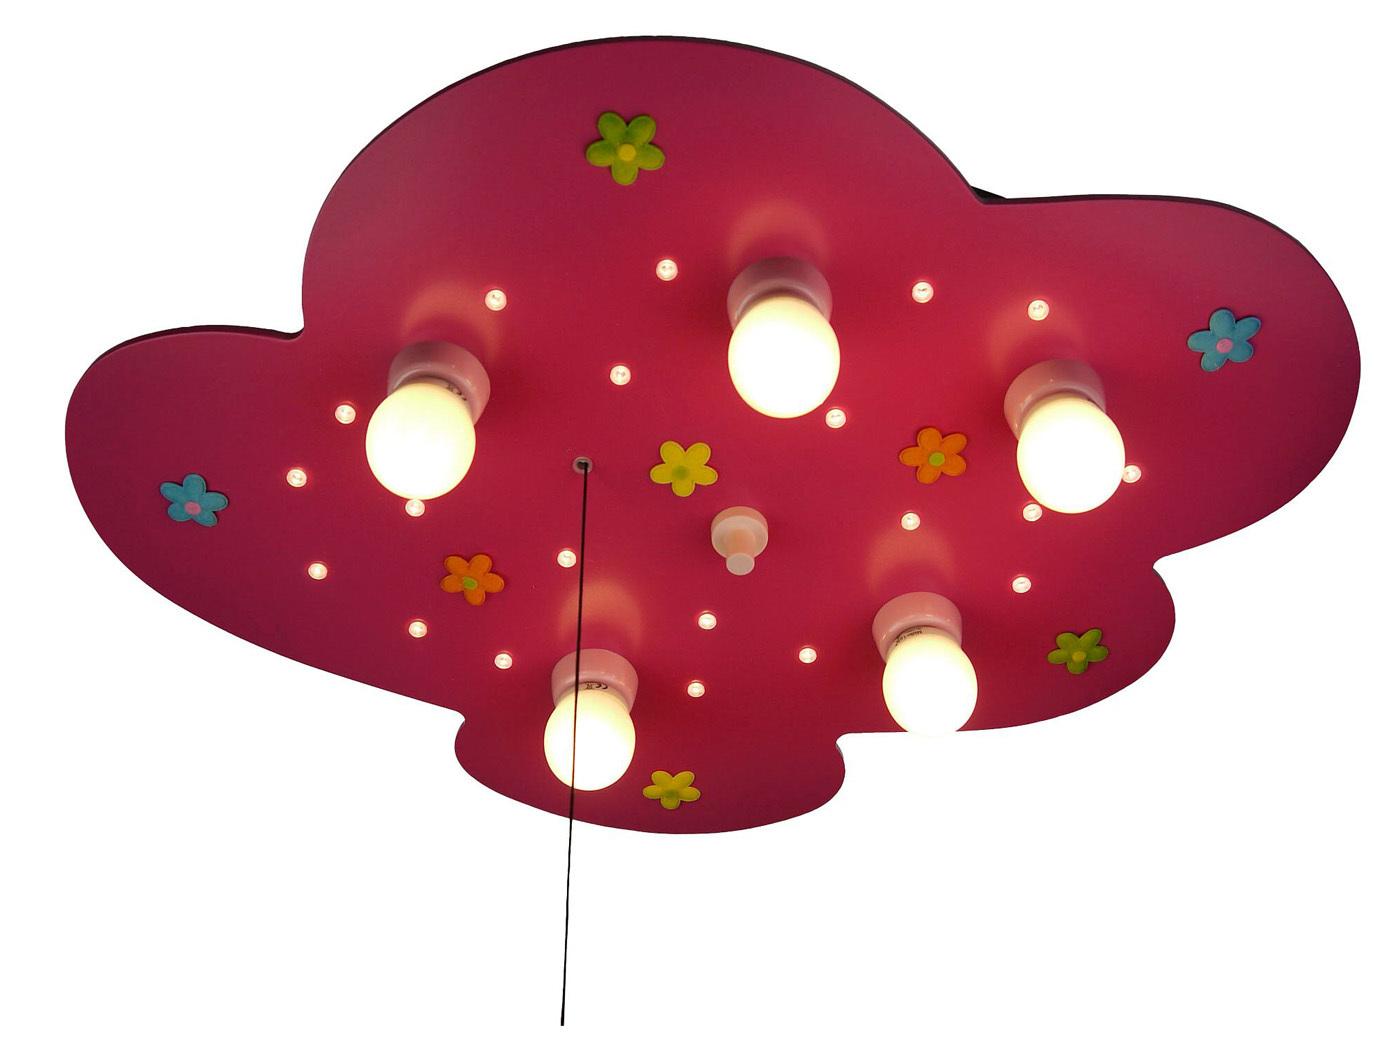 Los niños habitación lámpara compatible manta led luz de relajación Amazon echo compatible lámpara flores de tela 26bd39